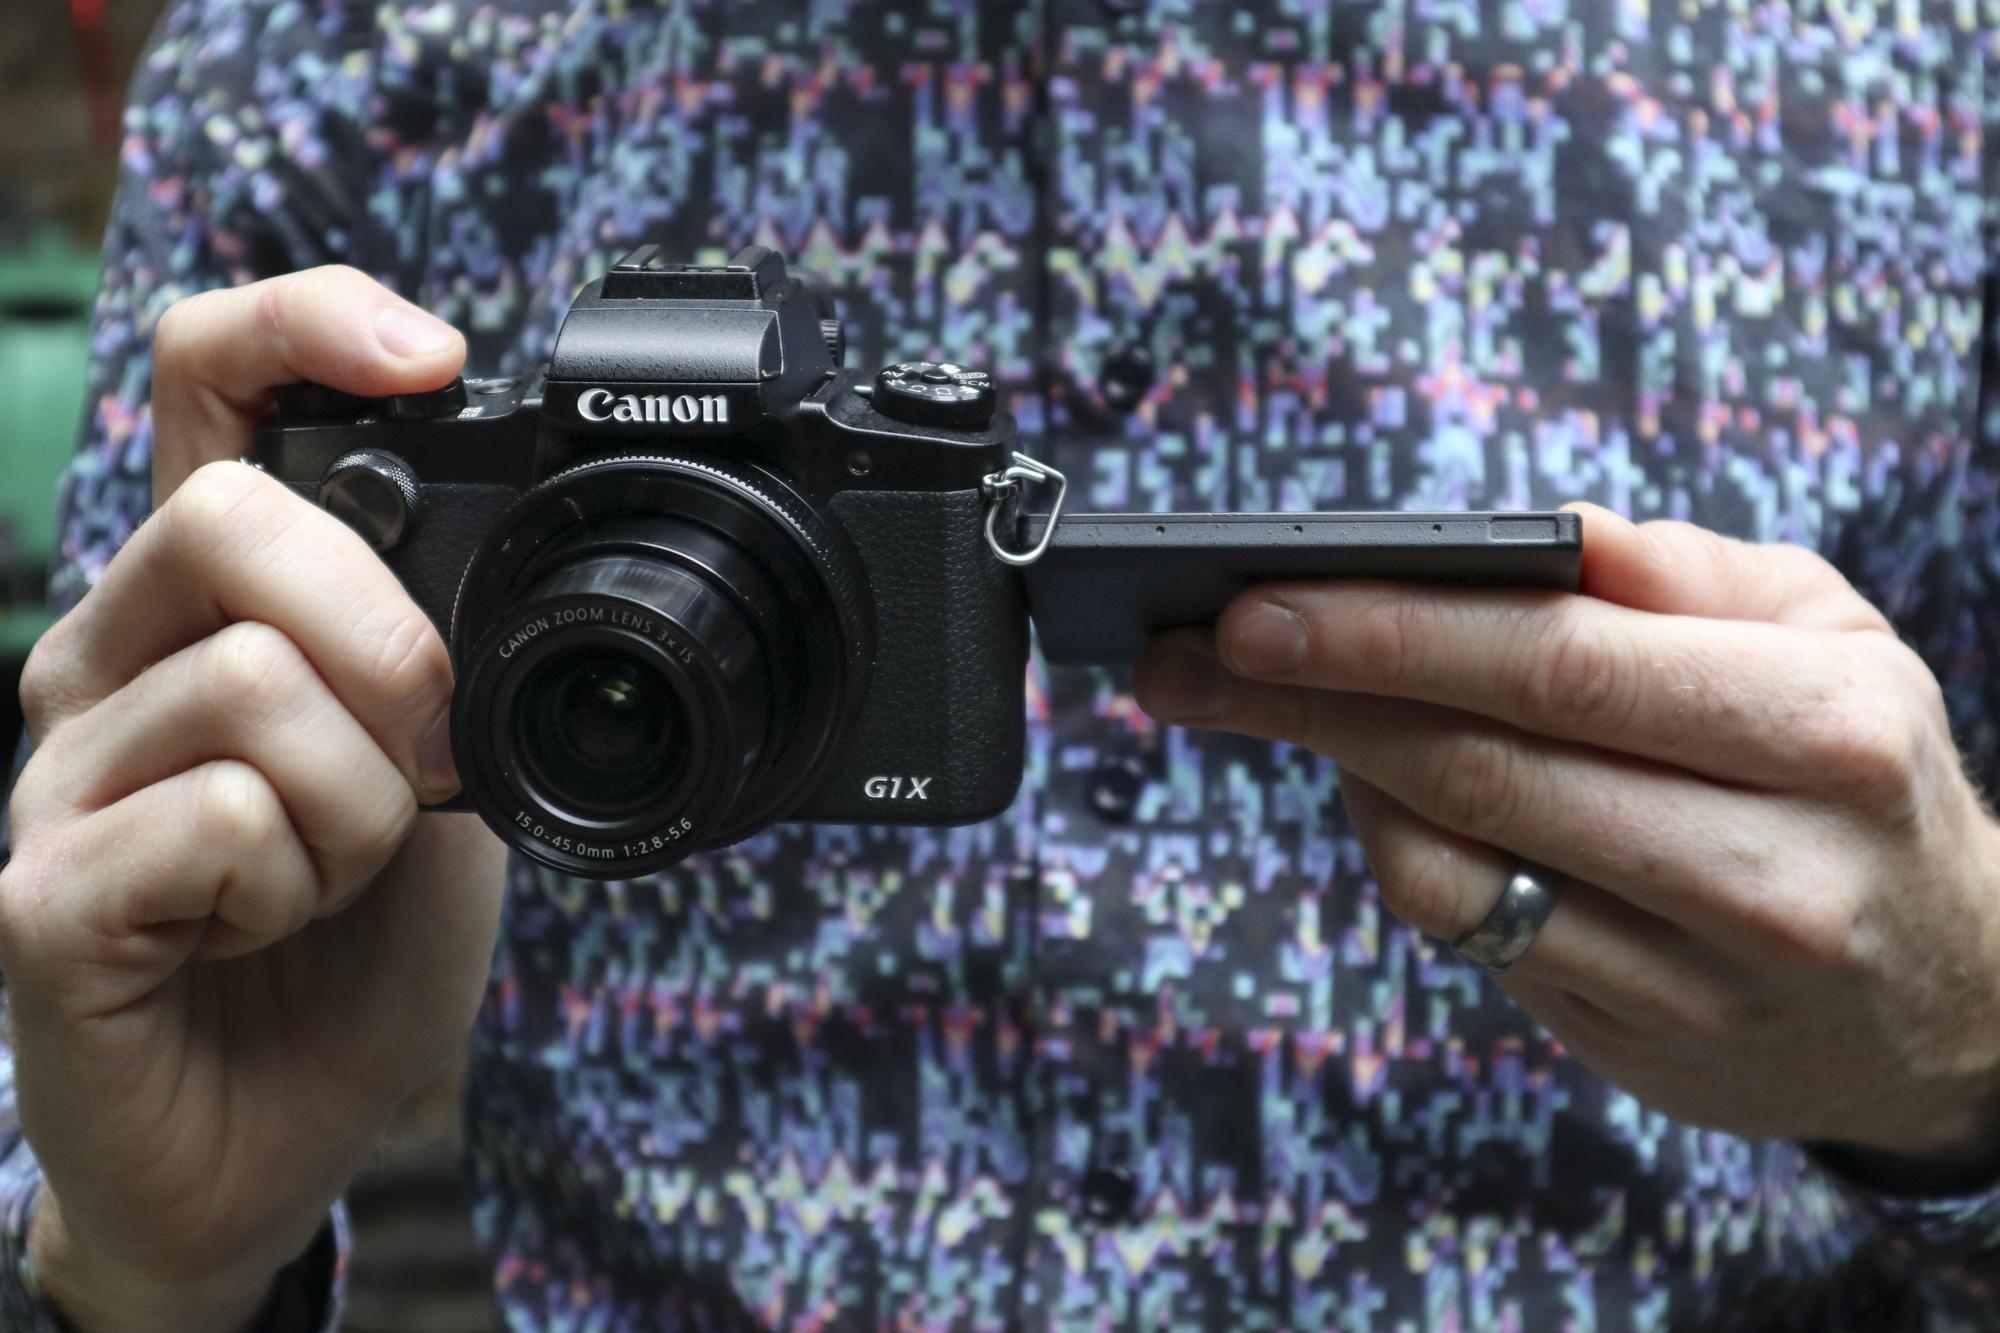 canon powershot g1x iii product images 02.jpg